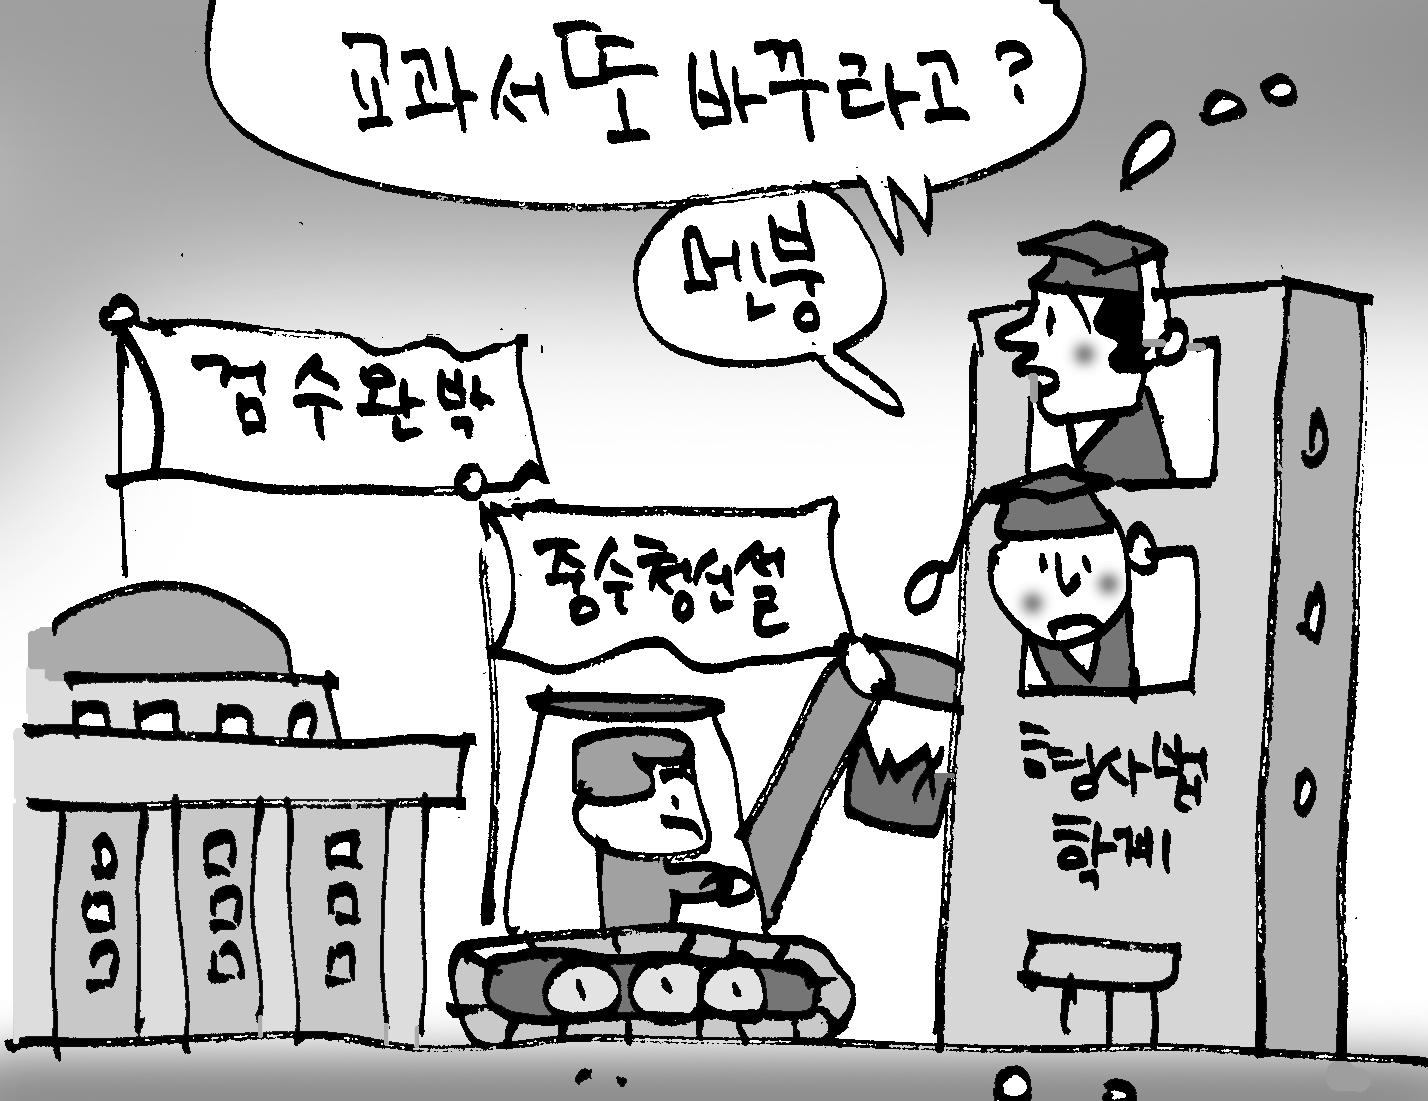 형소법 교과서 내용 또 바꾸라고?… 형사법학계 '멘붕'